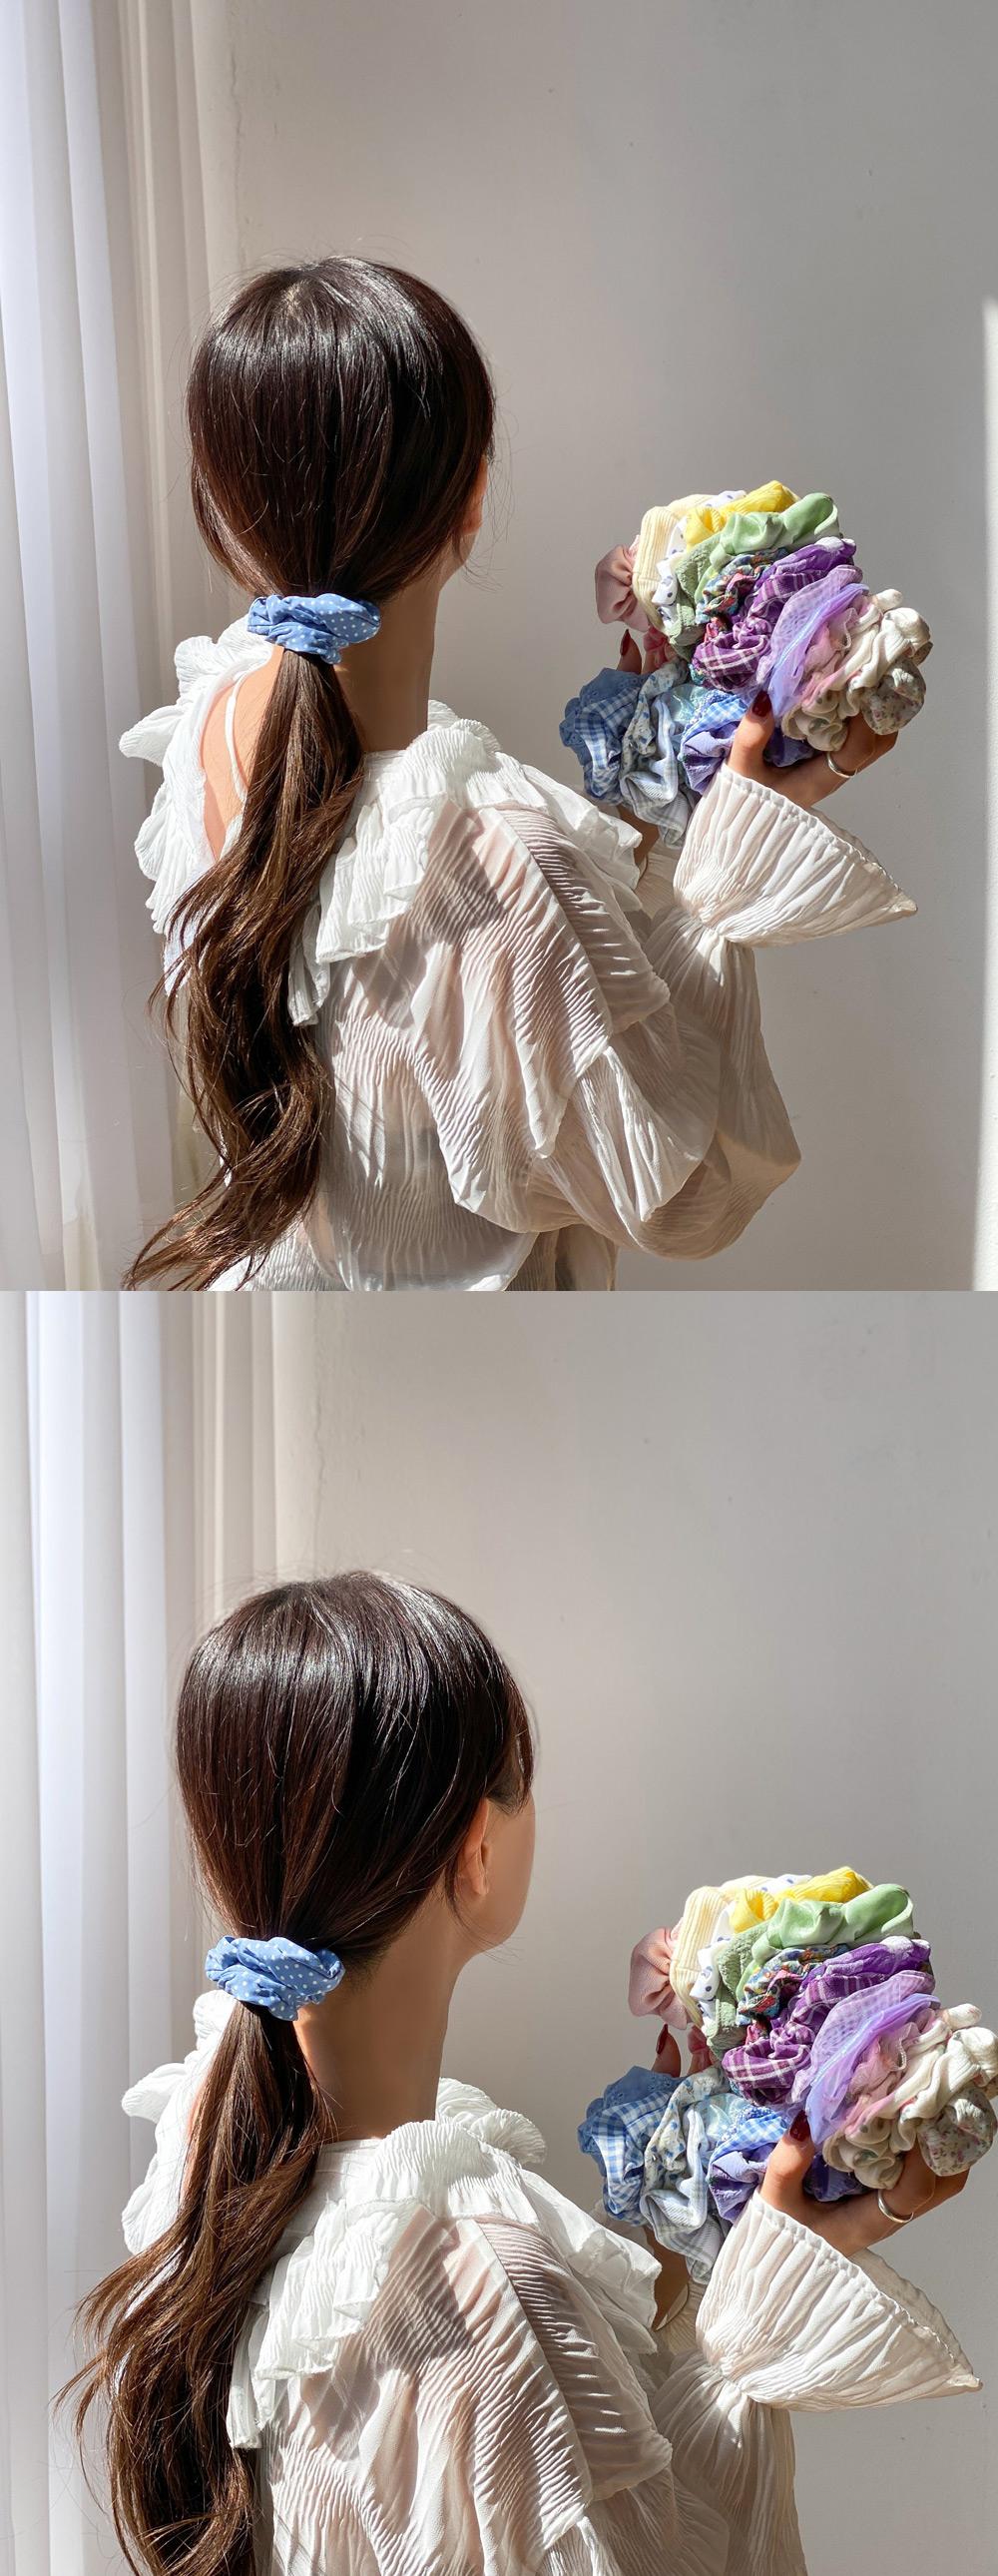 악세사리 모델 착용 이미지-S1L22